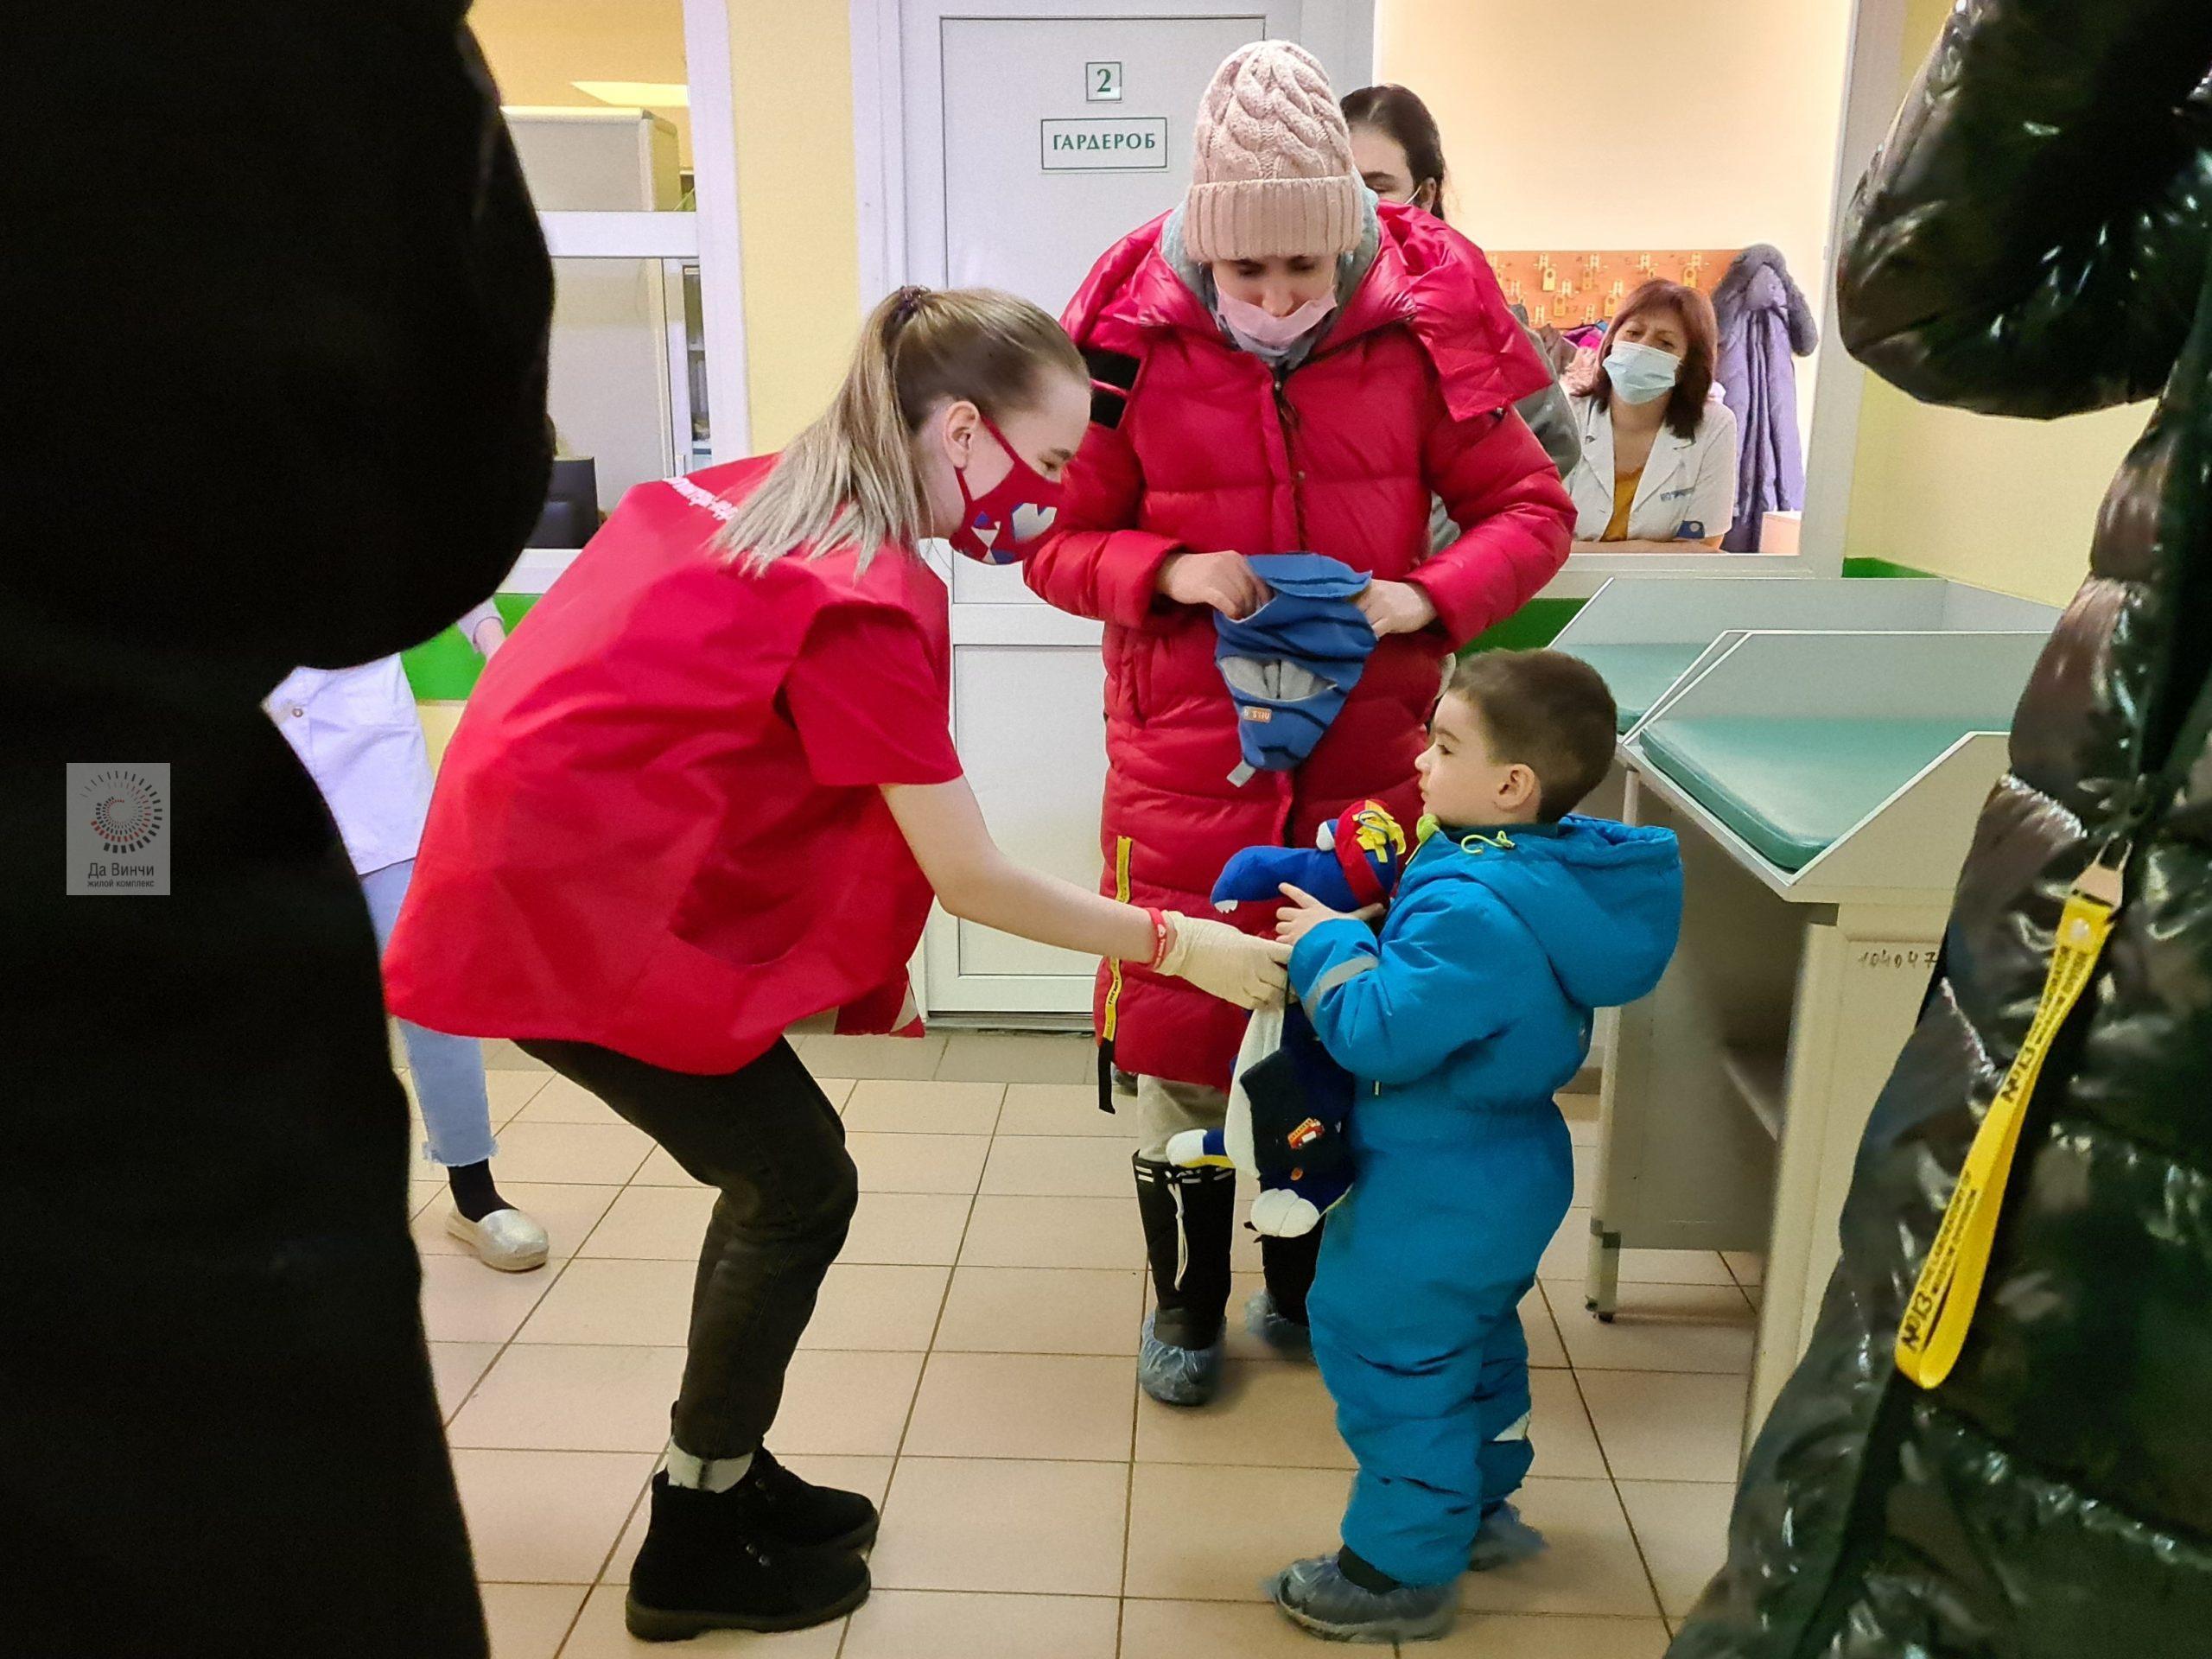 Волонтеры раздали детям 100 мягких дракончиков в Одинцовских поликлиниках